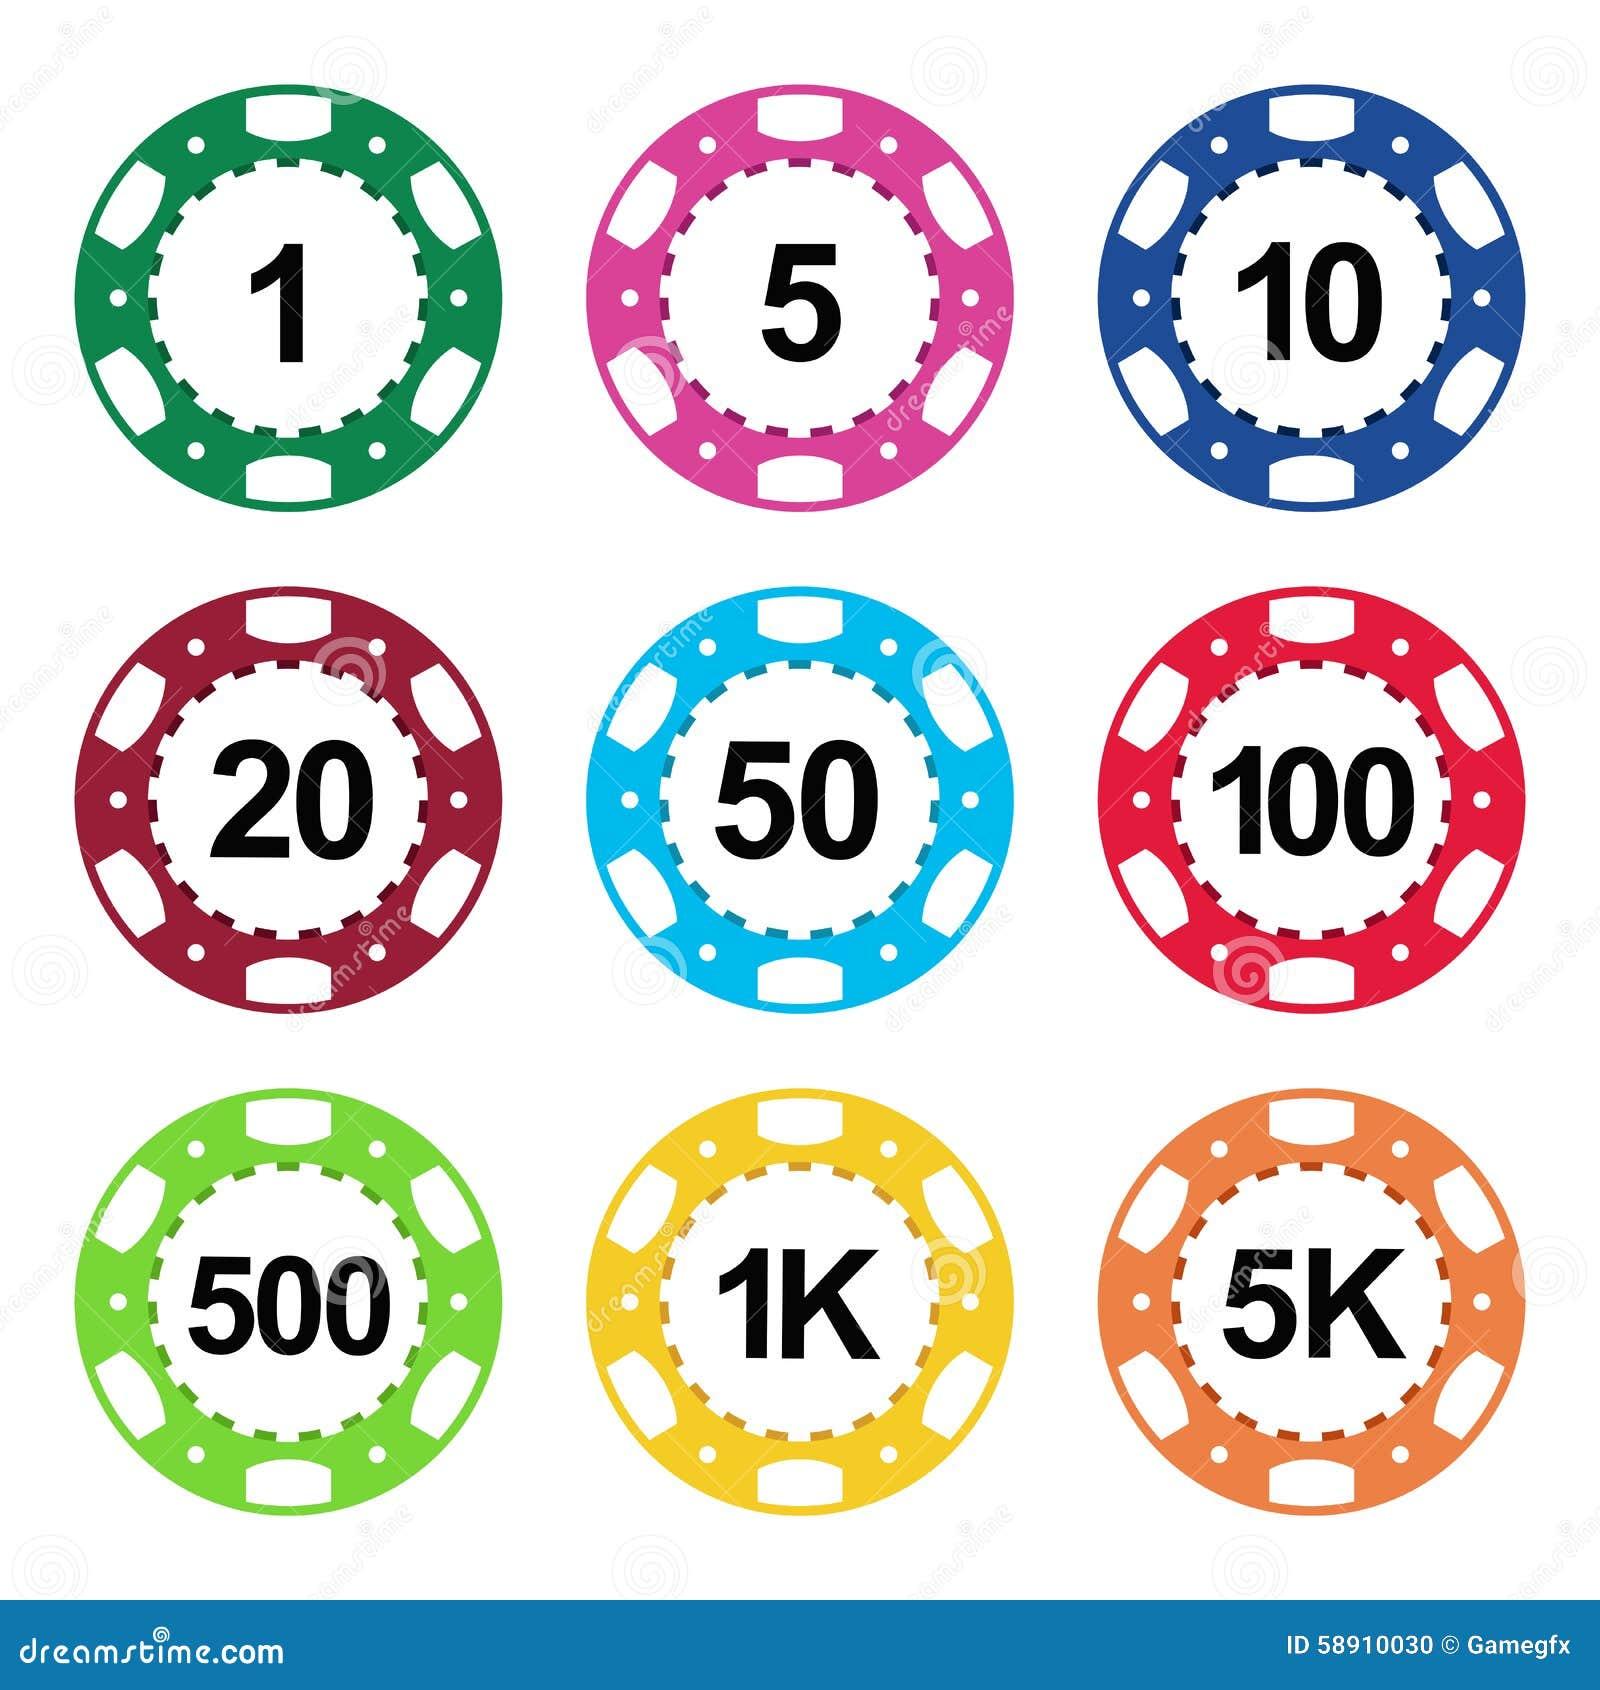 Jetons poker valeur couleur